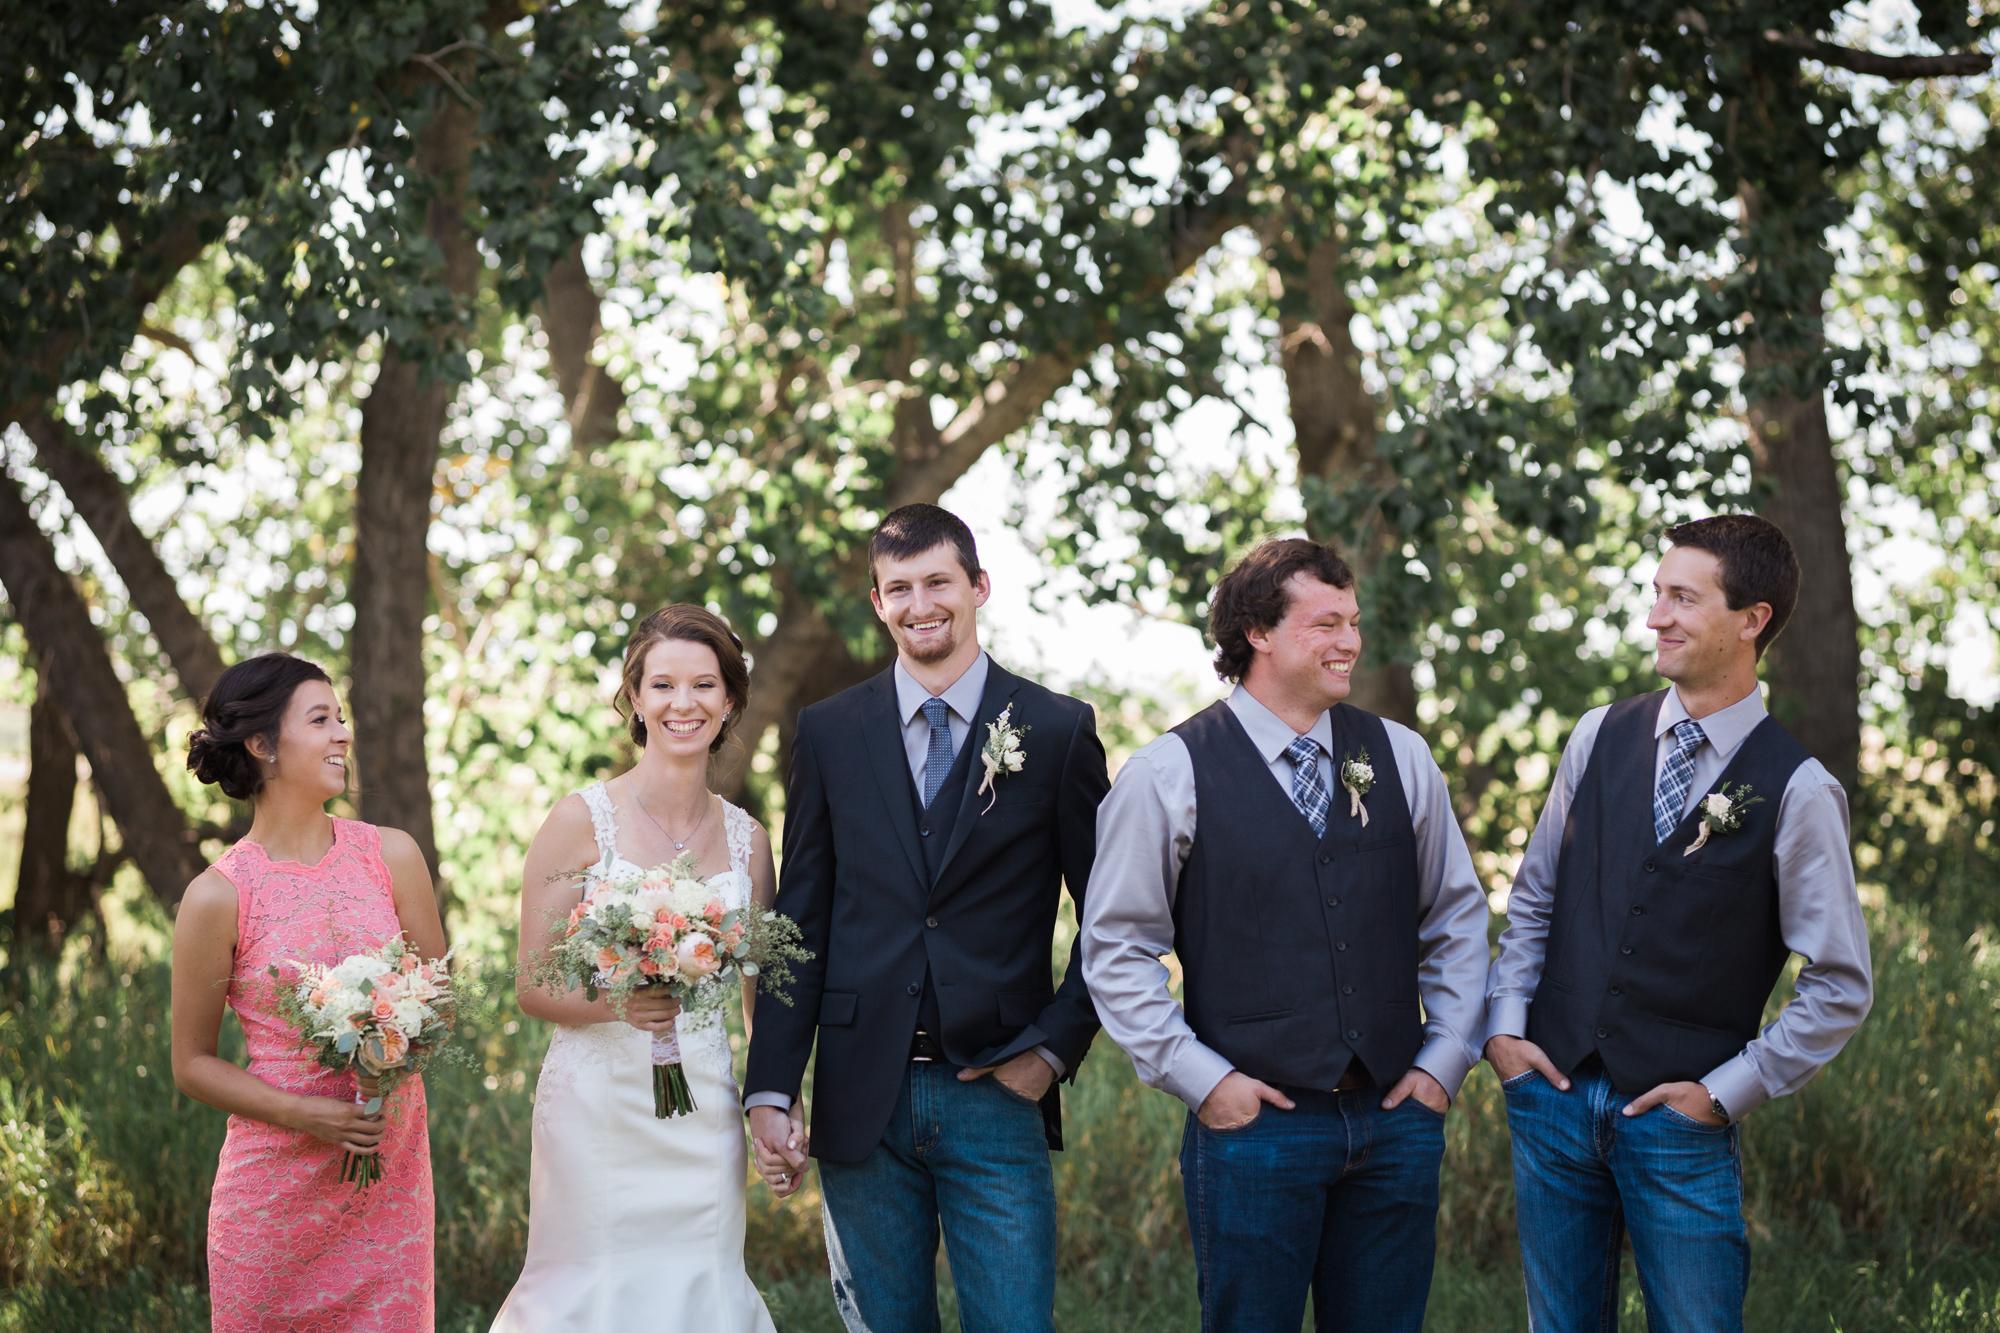 Deanna-Rachel-Photography-calgary-Wedding-photographer-jm-37.jpg